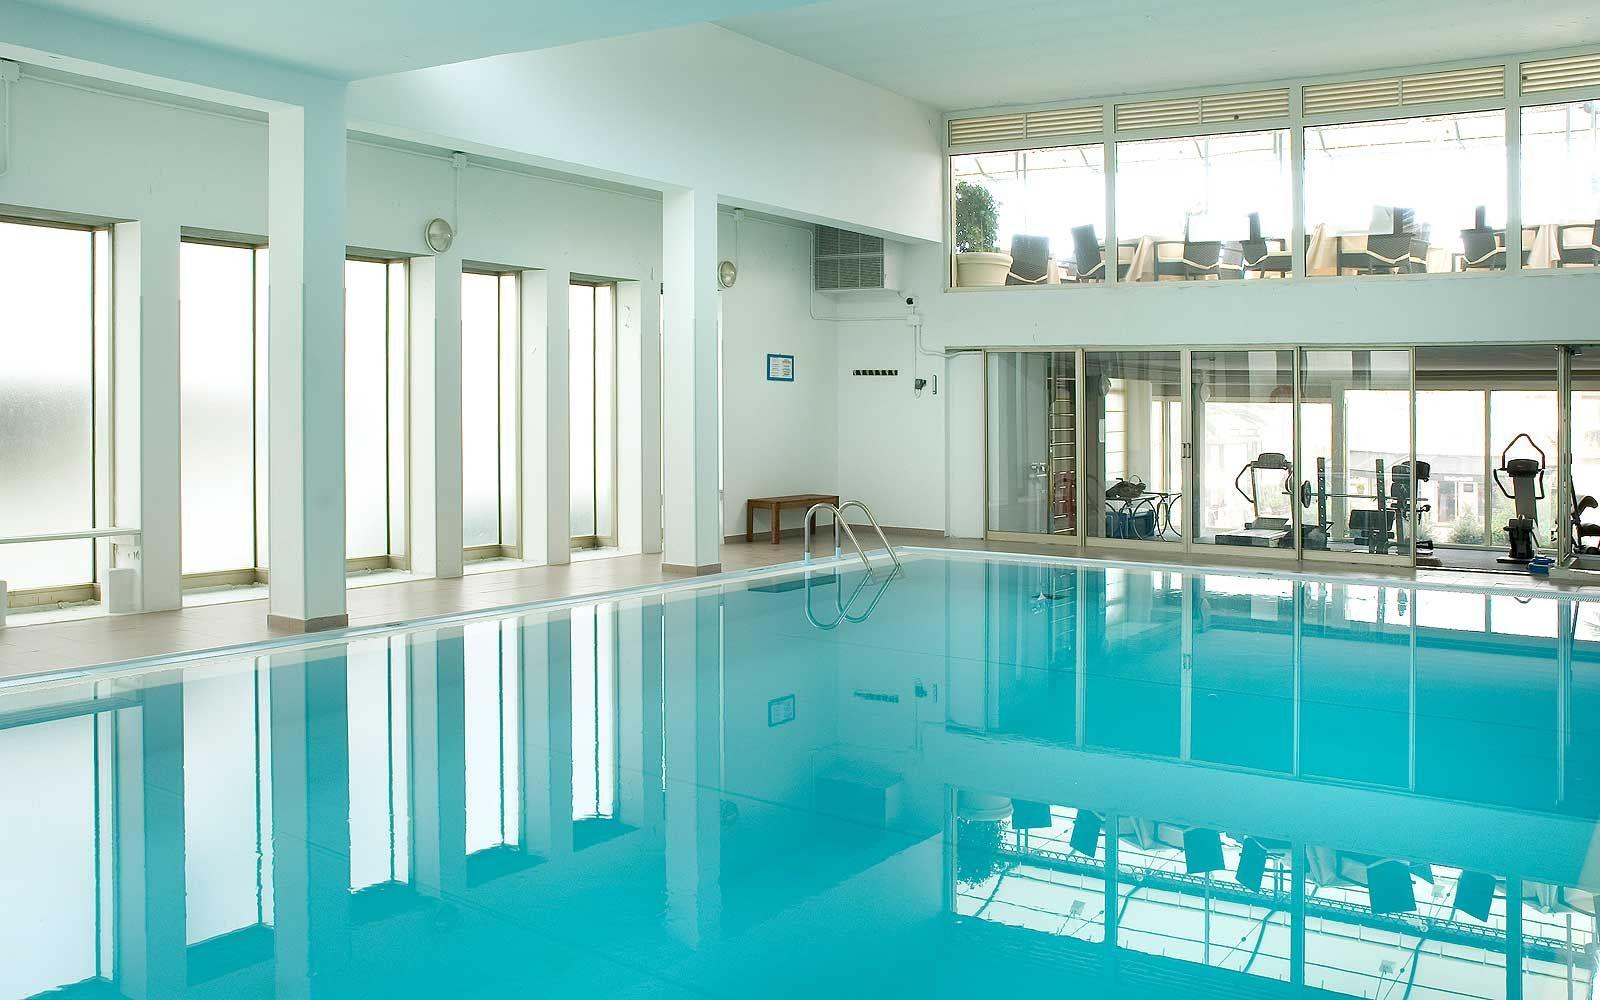 HOTEL SINA ASTOR – Viareggio